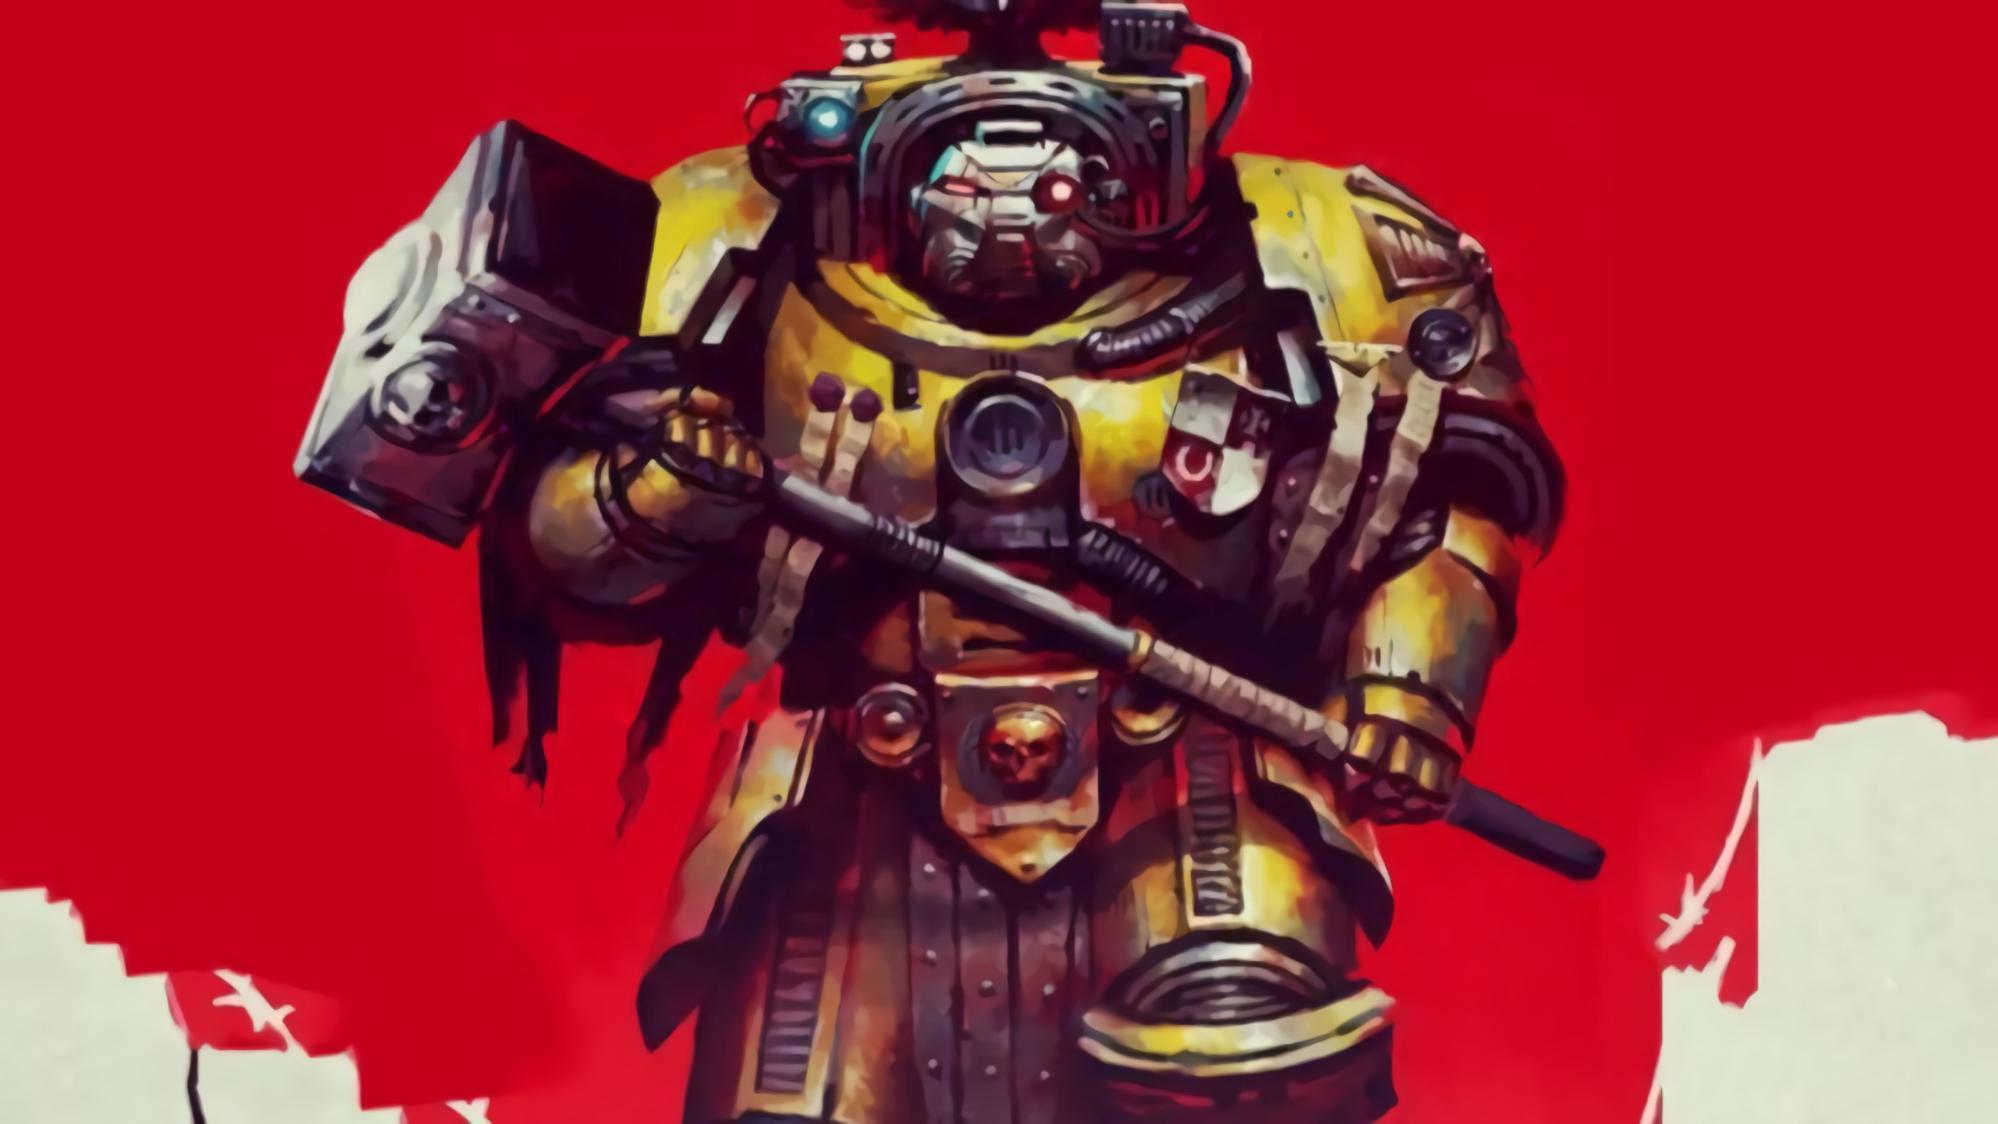 【达奇】纵使此战有死无生  我毅战至最后一刻  因我便是帝国的铁壁《战锤40K》故事